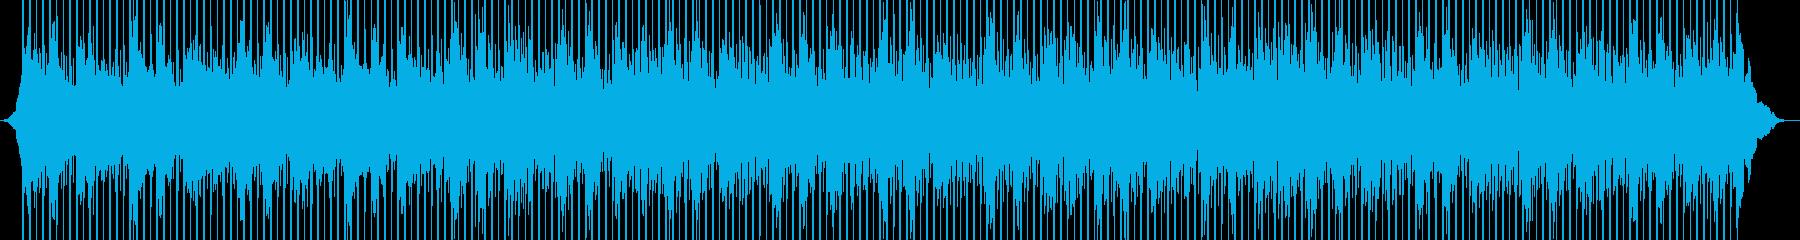 コーポレート ほのぼの 幸せ 荘厳...の再生済みの波形